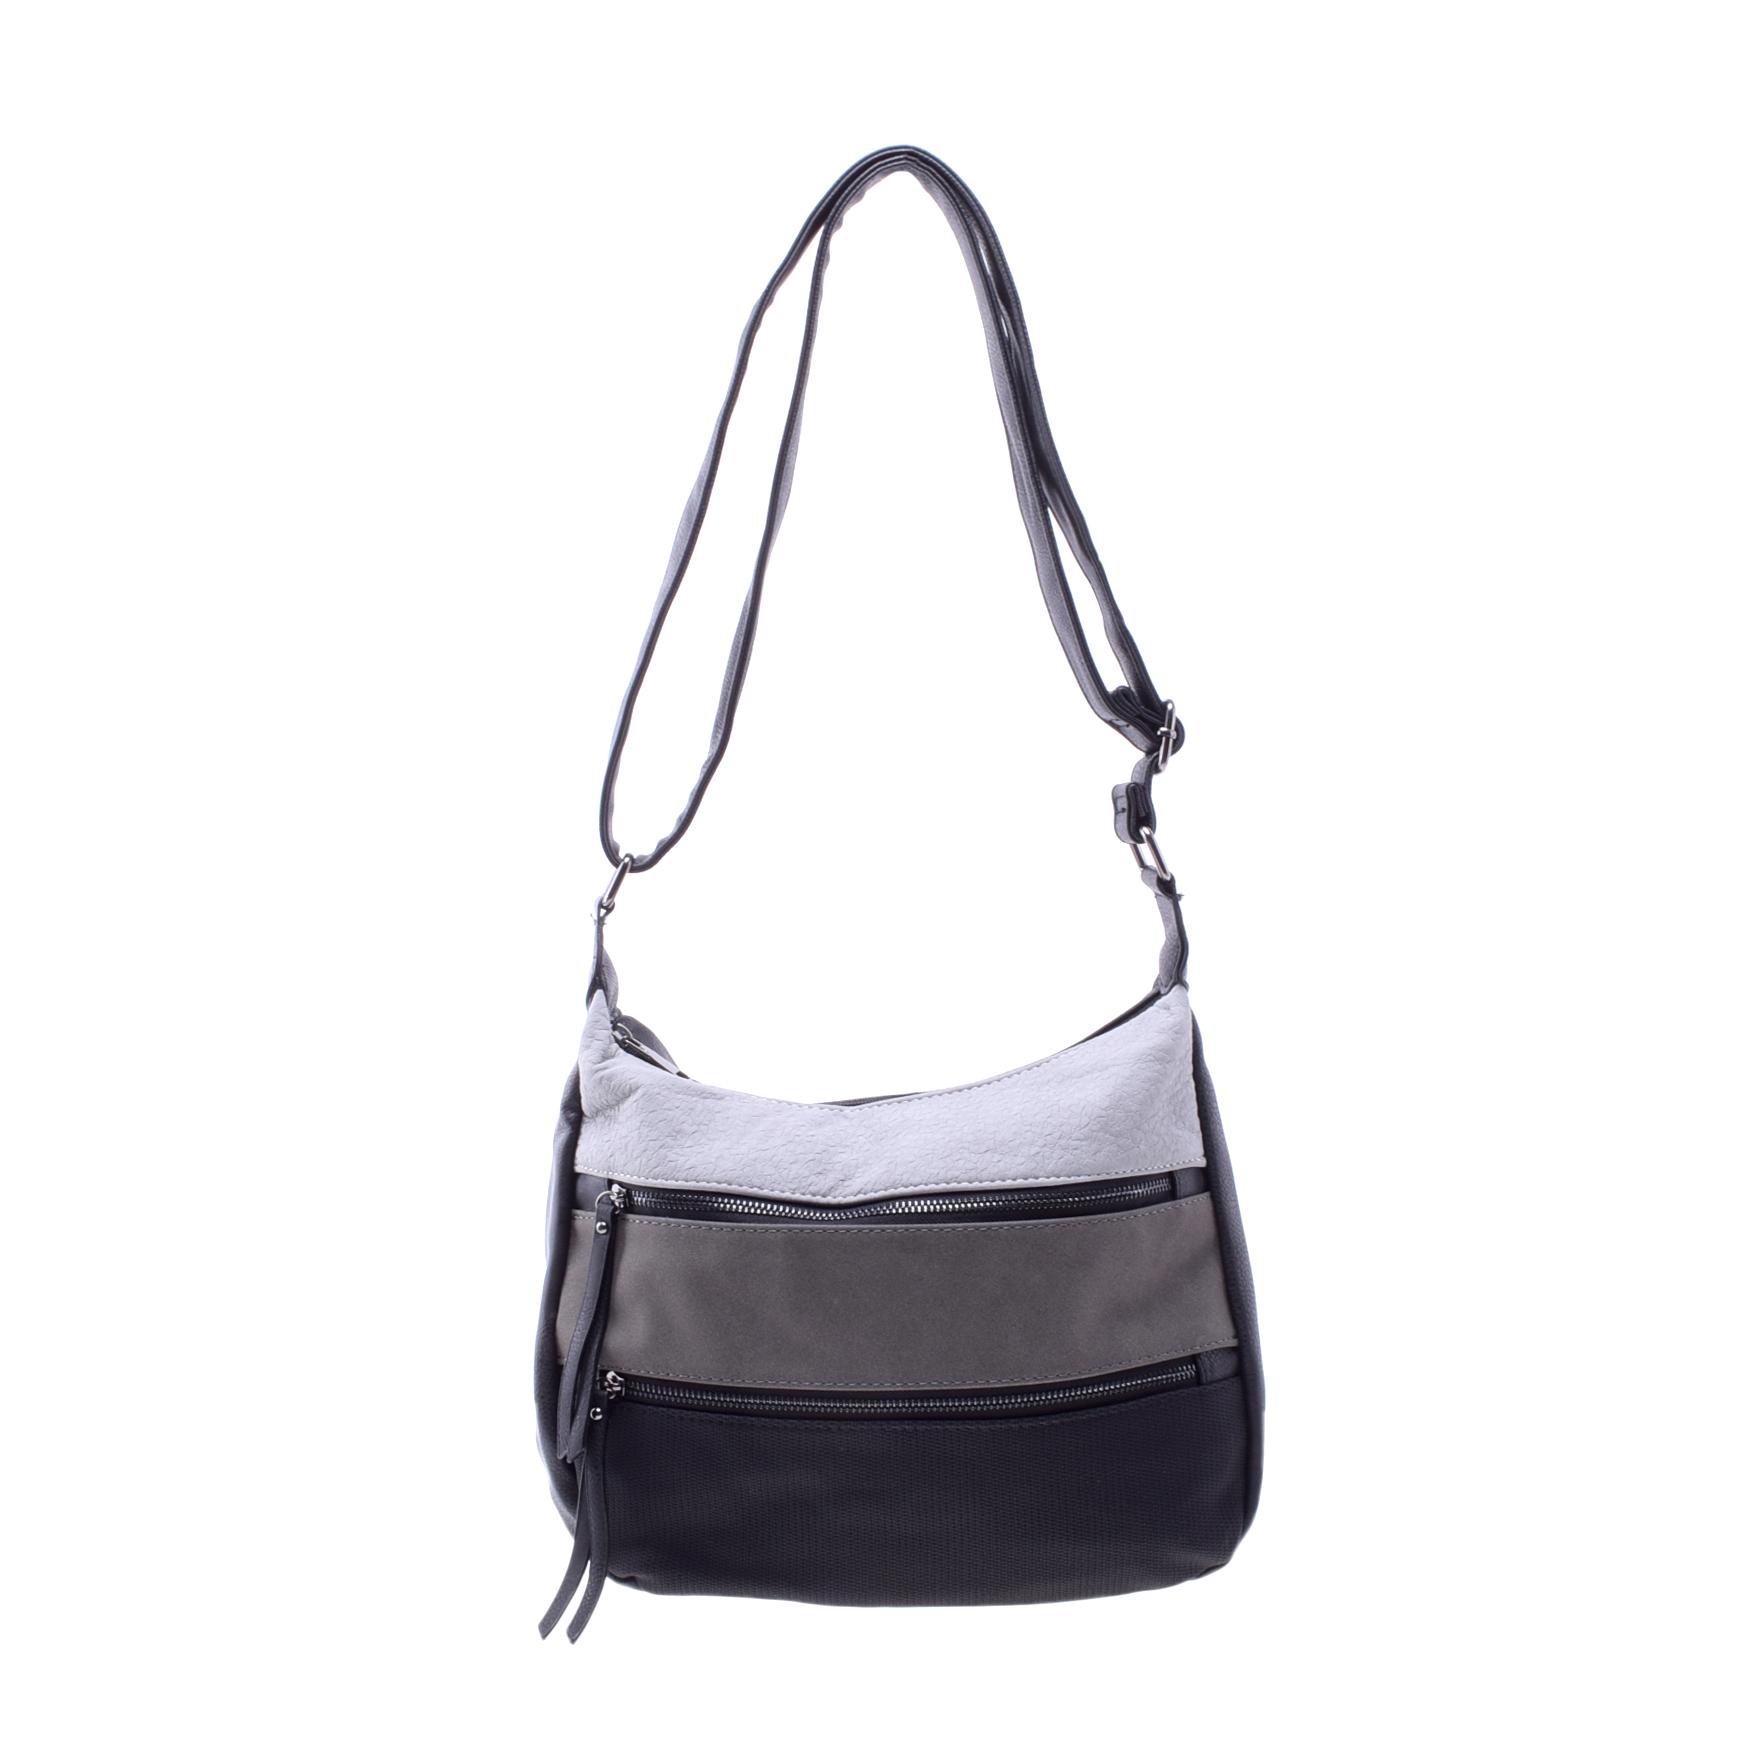 Női Fekete Műbőr Válltáska - Válltáskák - Táska webáruház - Minőségi táskák  mindenkinek cccd34158b